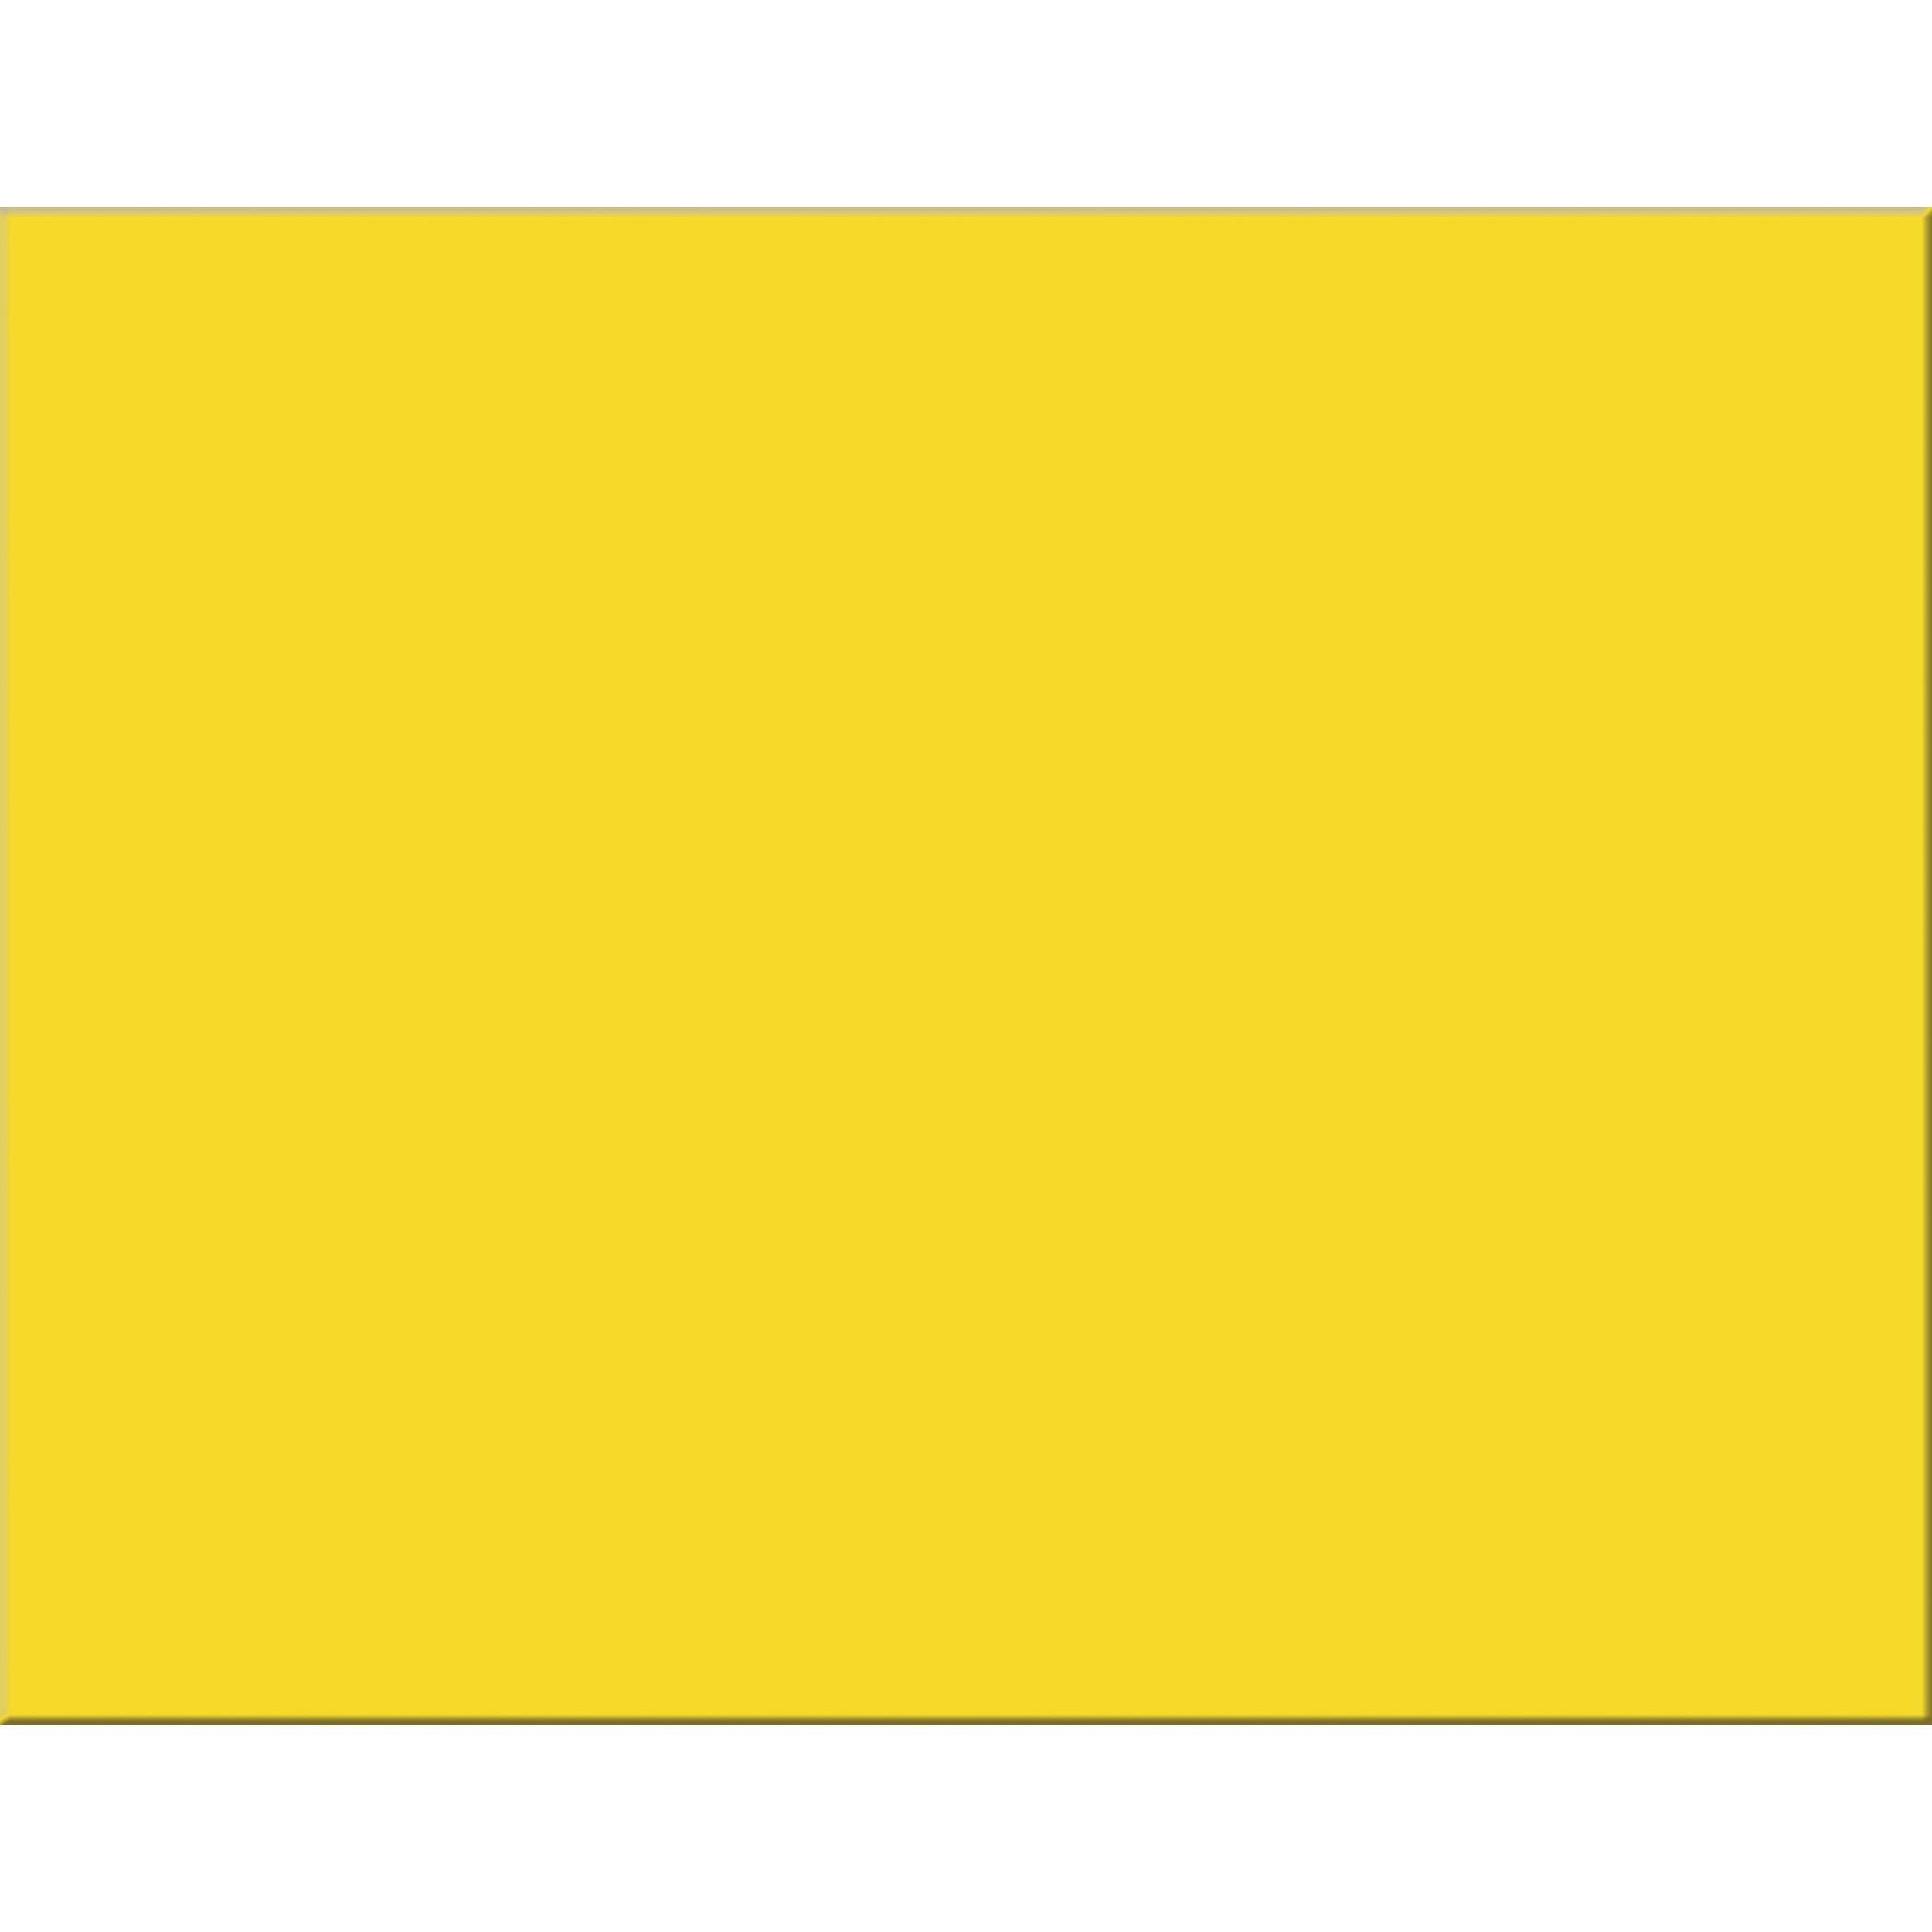 Pacon PAC54731 6-Ply Railroad Board, Lemon Yellow, 22'' x 28'', 25 Sheets